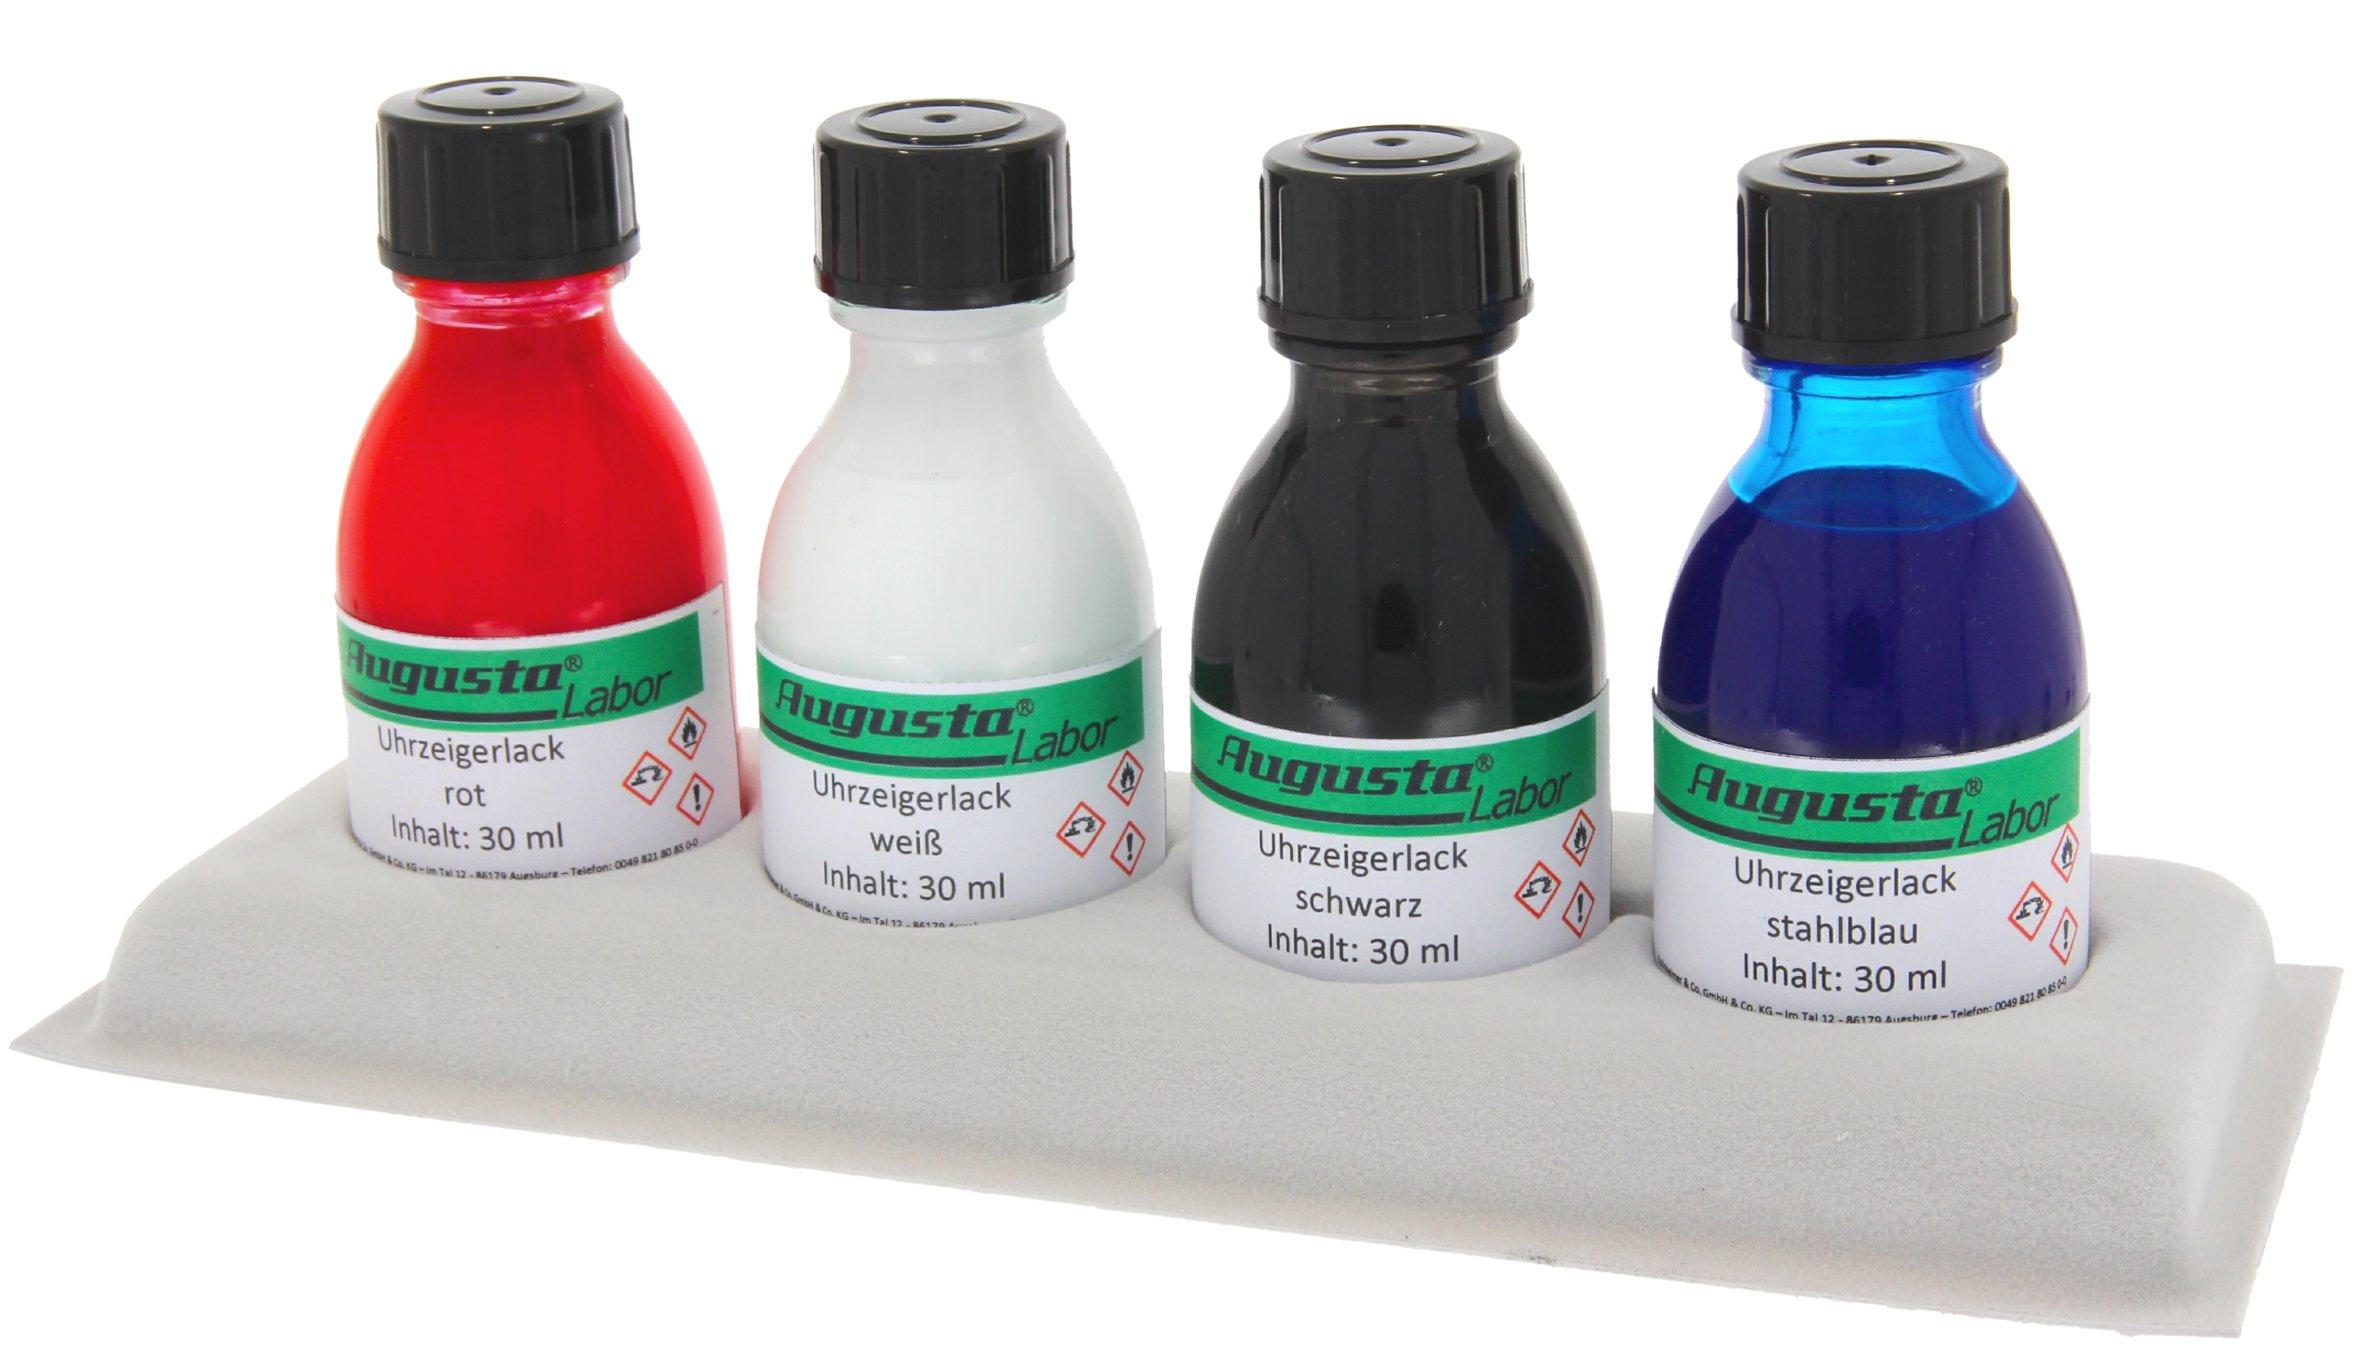 Gammes de vernis pour pointeurs assortiment incl. 4 couleurs